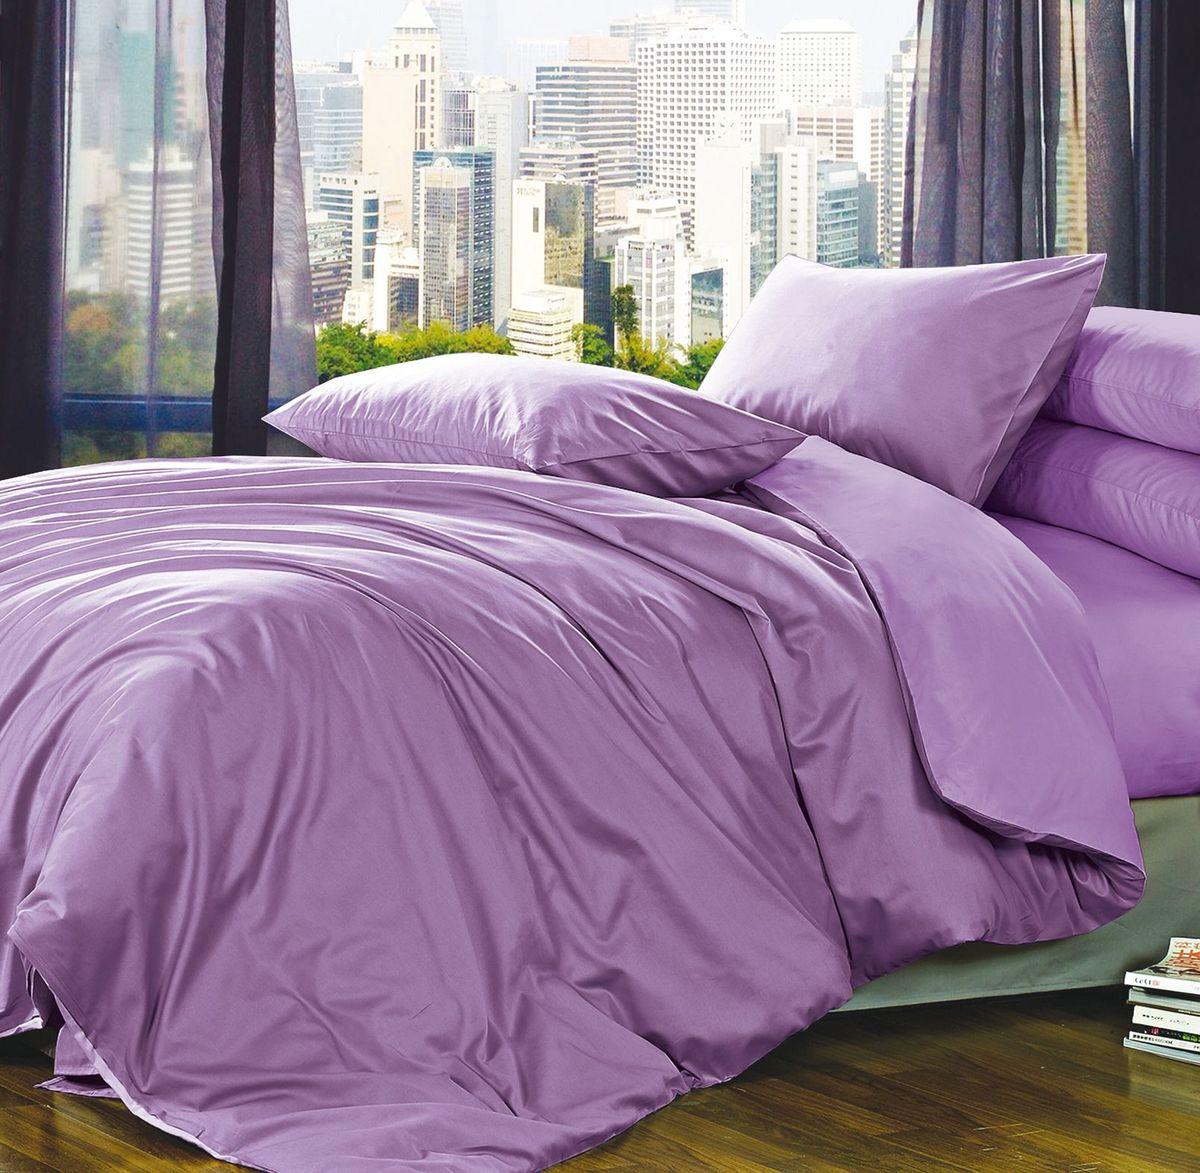 Комплект белья Коллекция Фиолетовый, 2,5-спальный, наволочки 50x70. ПС2.5/50/ОЗ/фПС2.5/50/ОЗ/ф